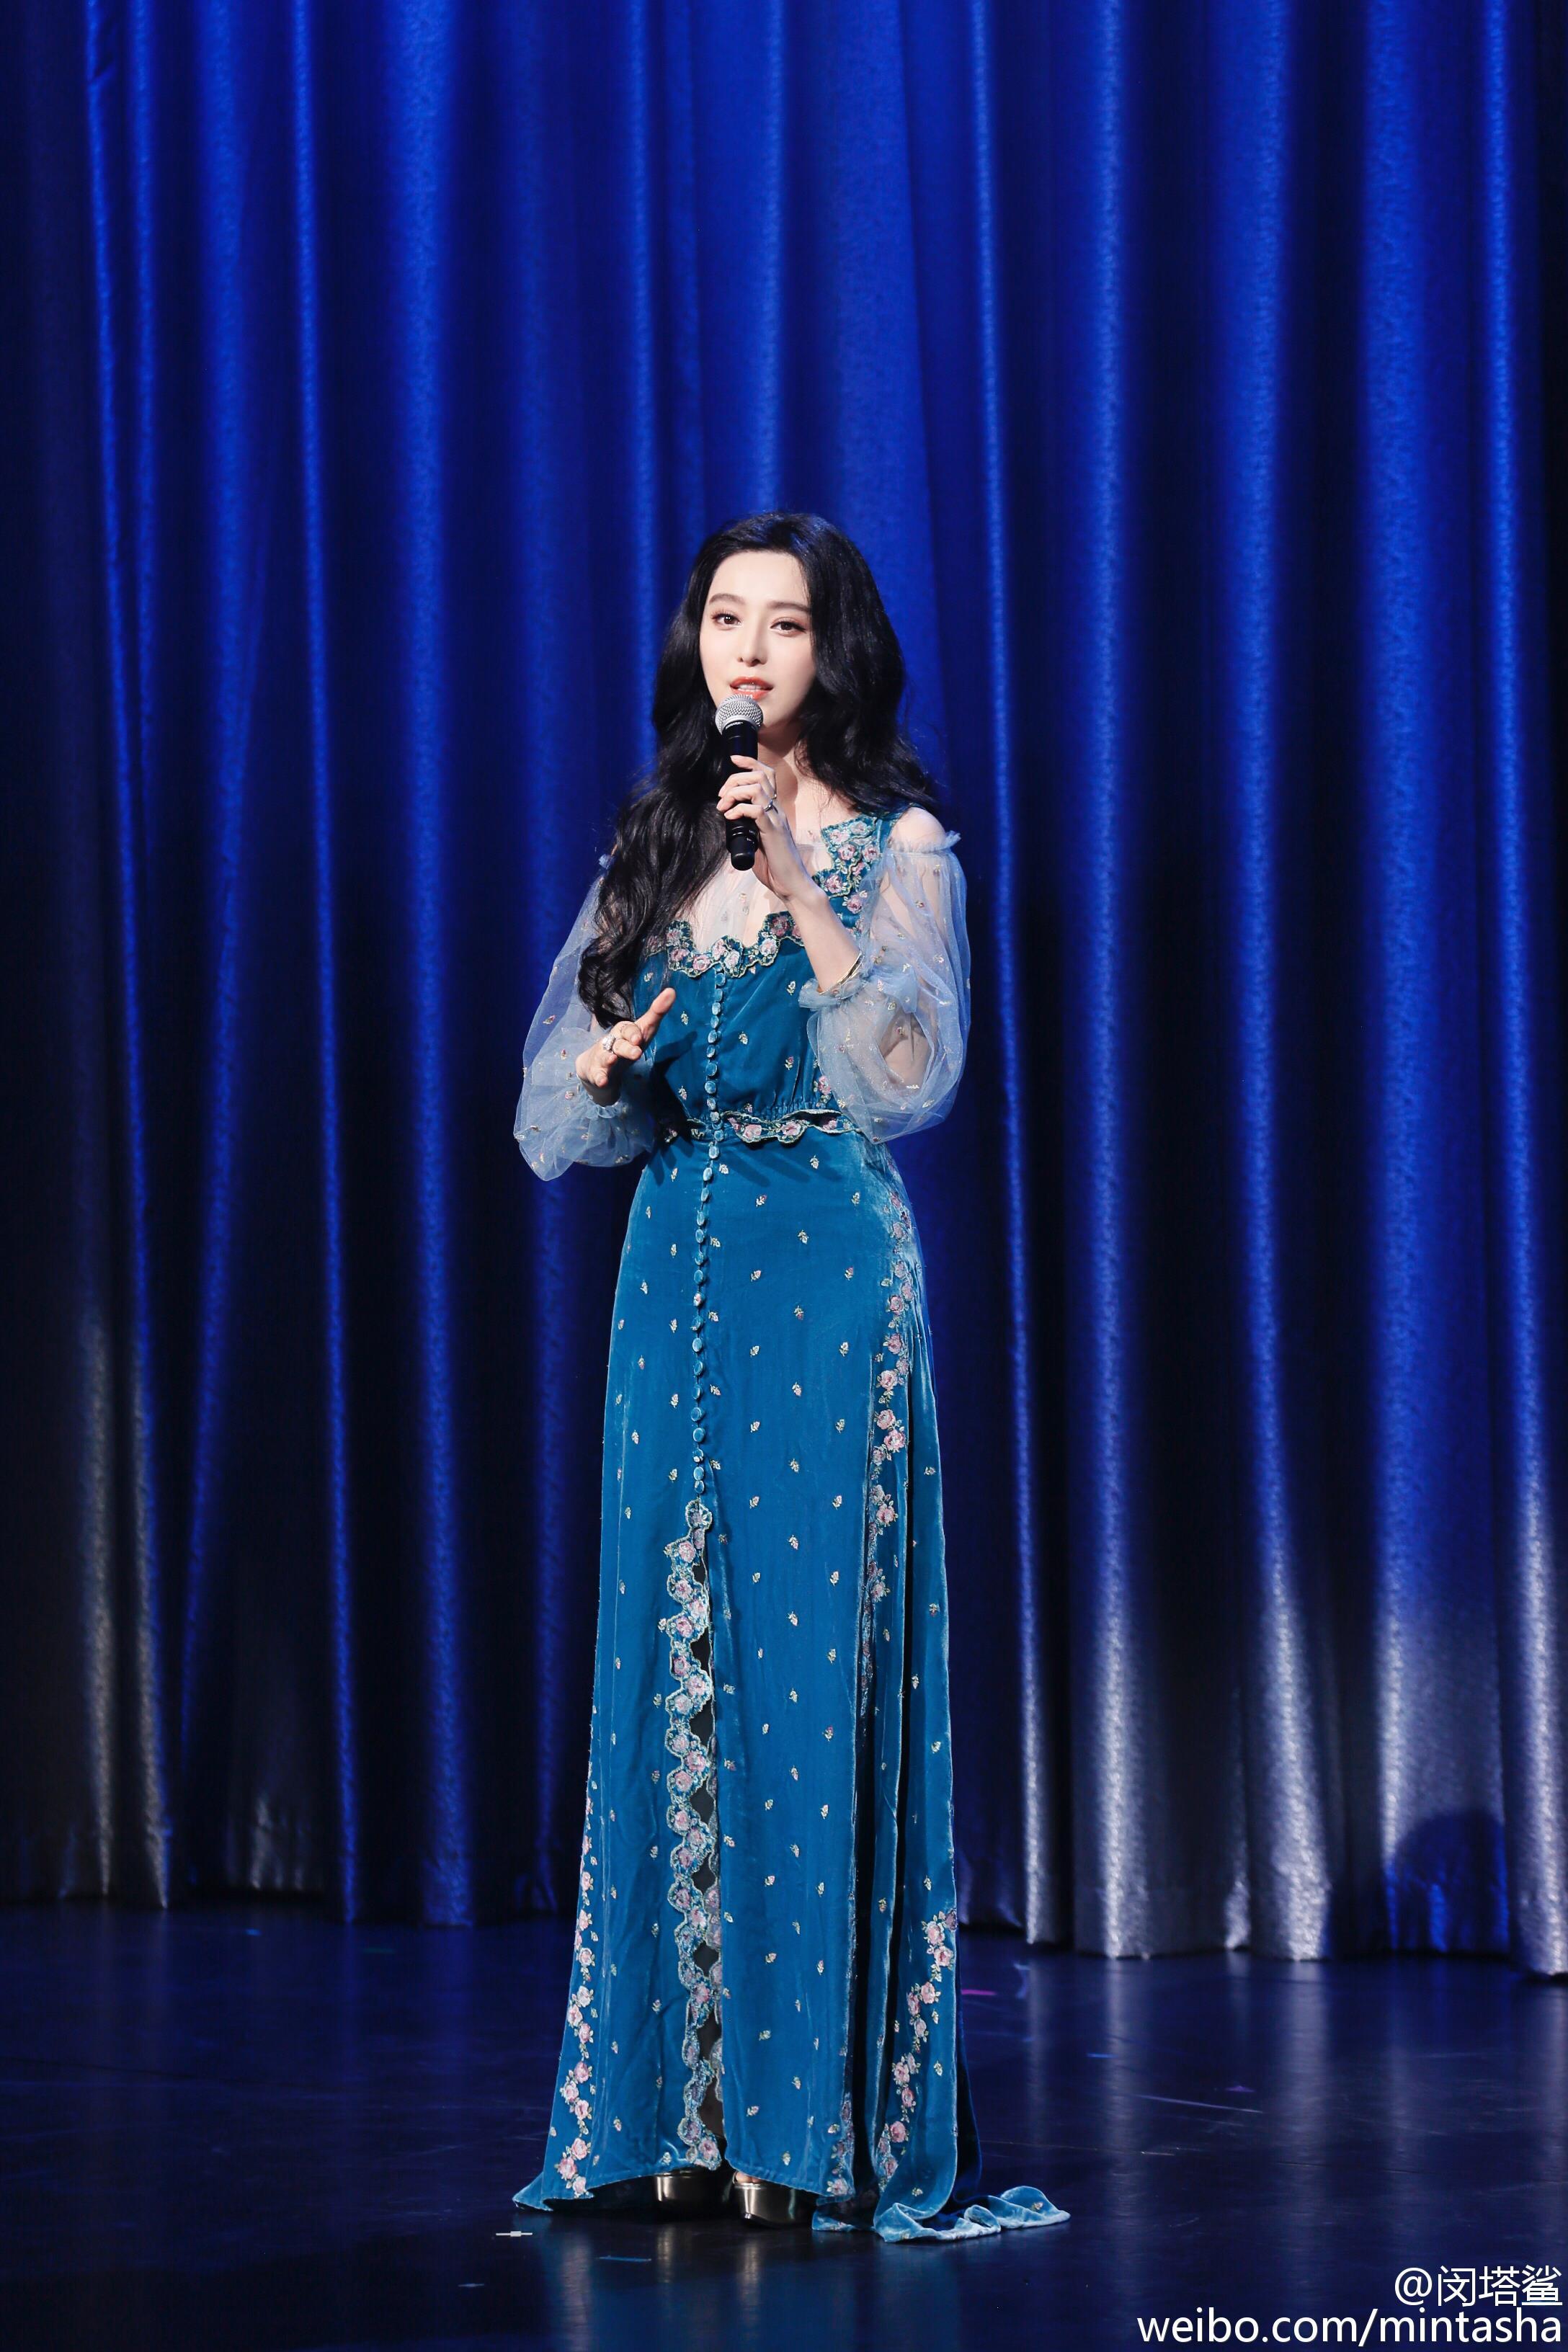 童话里的仙子!范冰冰蓝色长裙优雅大方,童话里的仙子!范冰冰蓝色长裙优雅大方